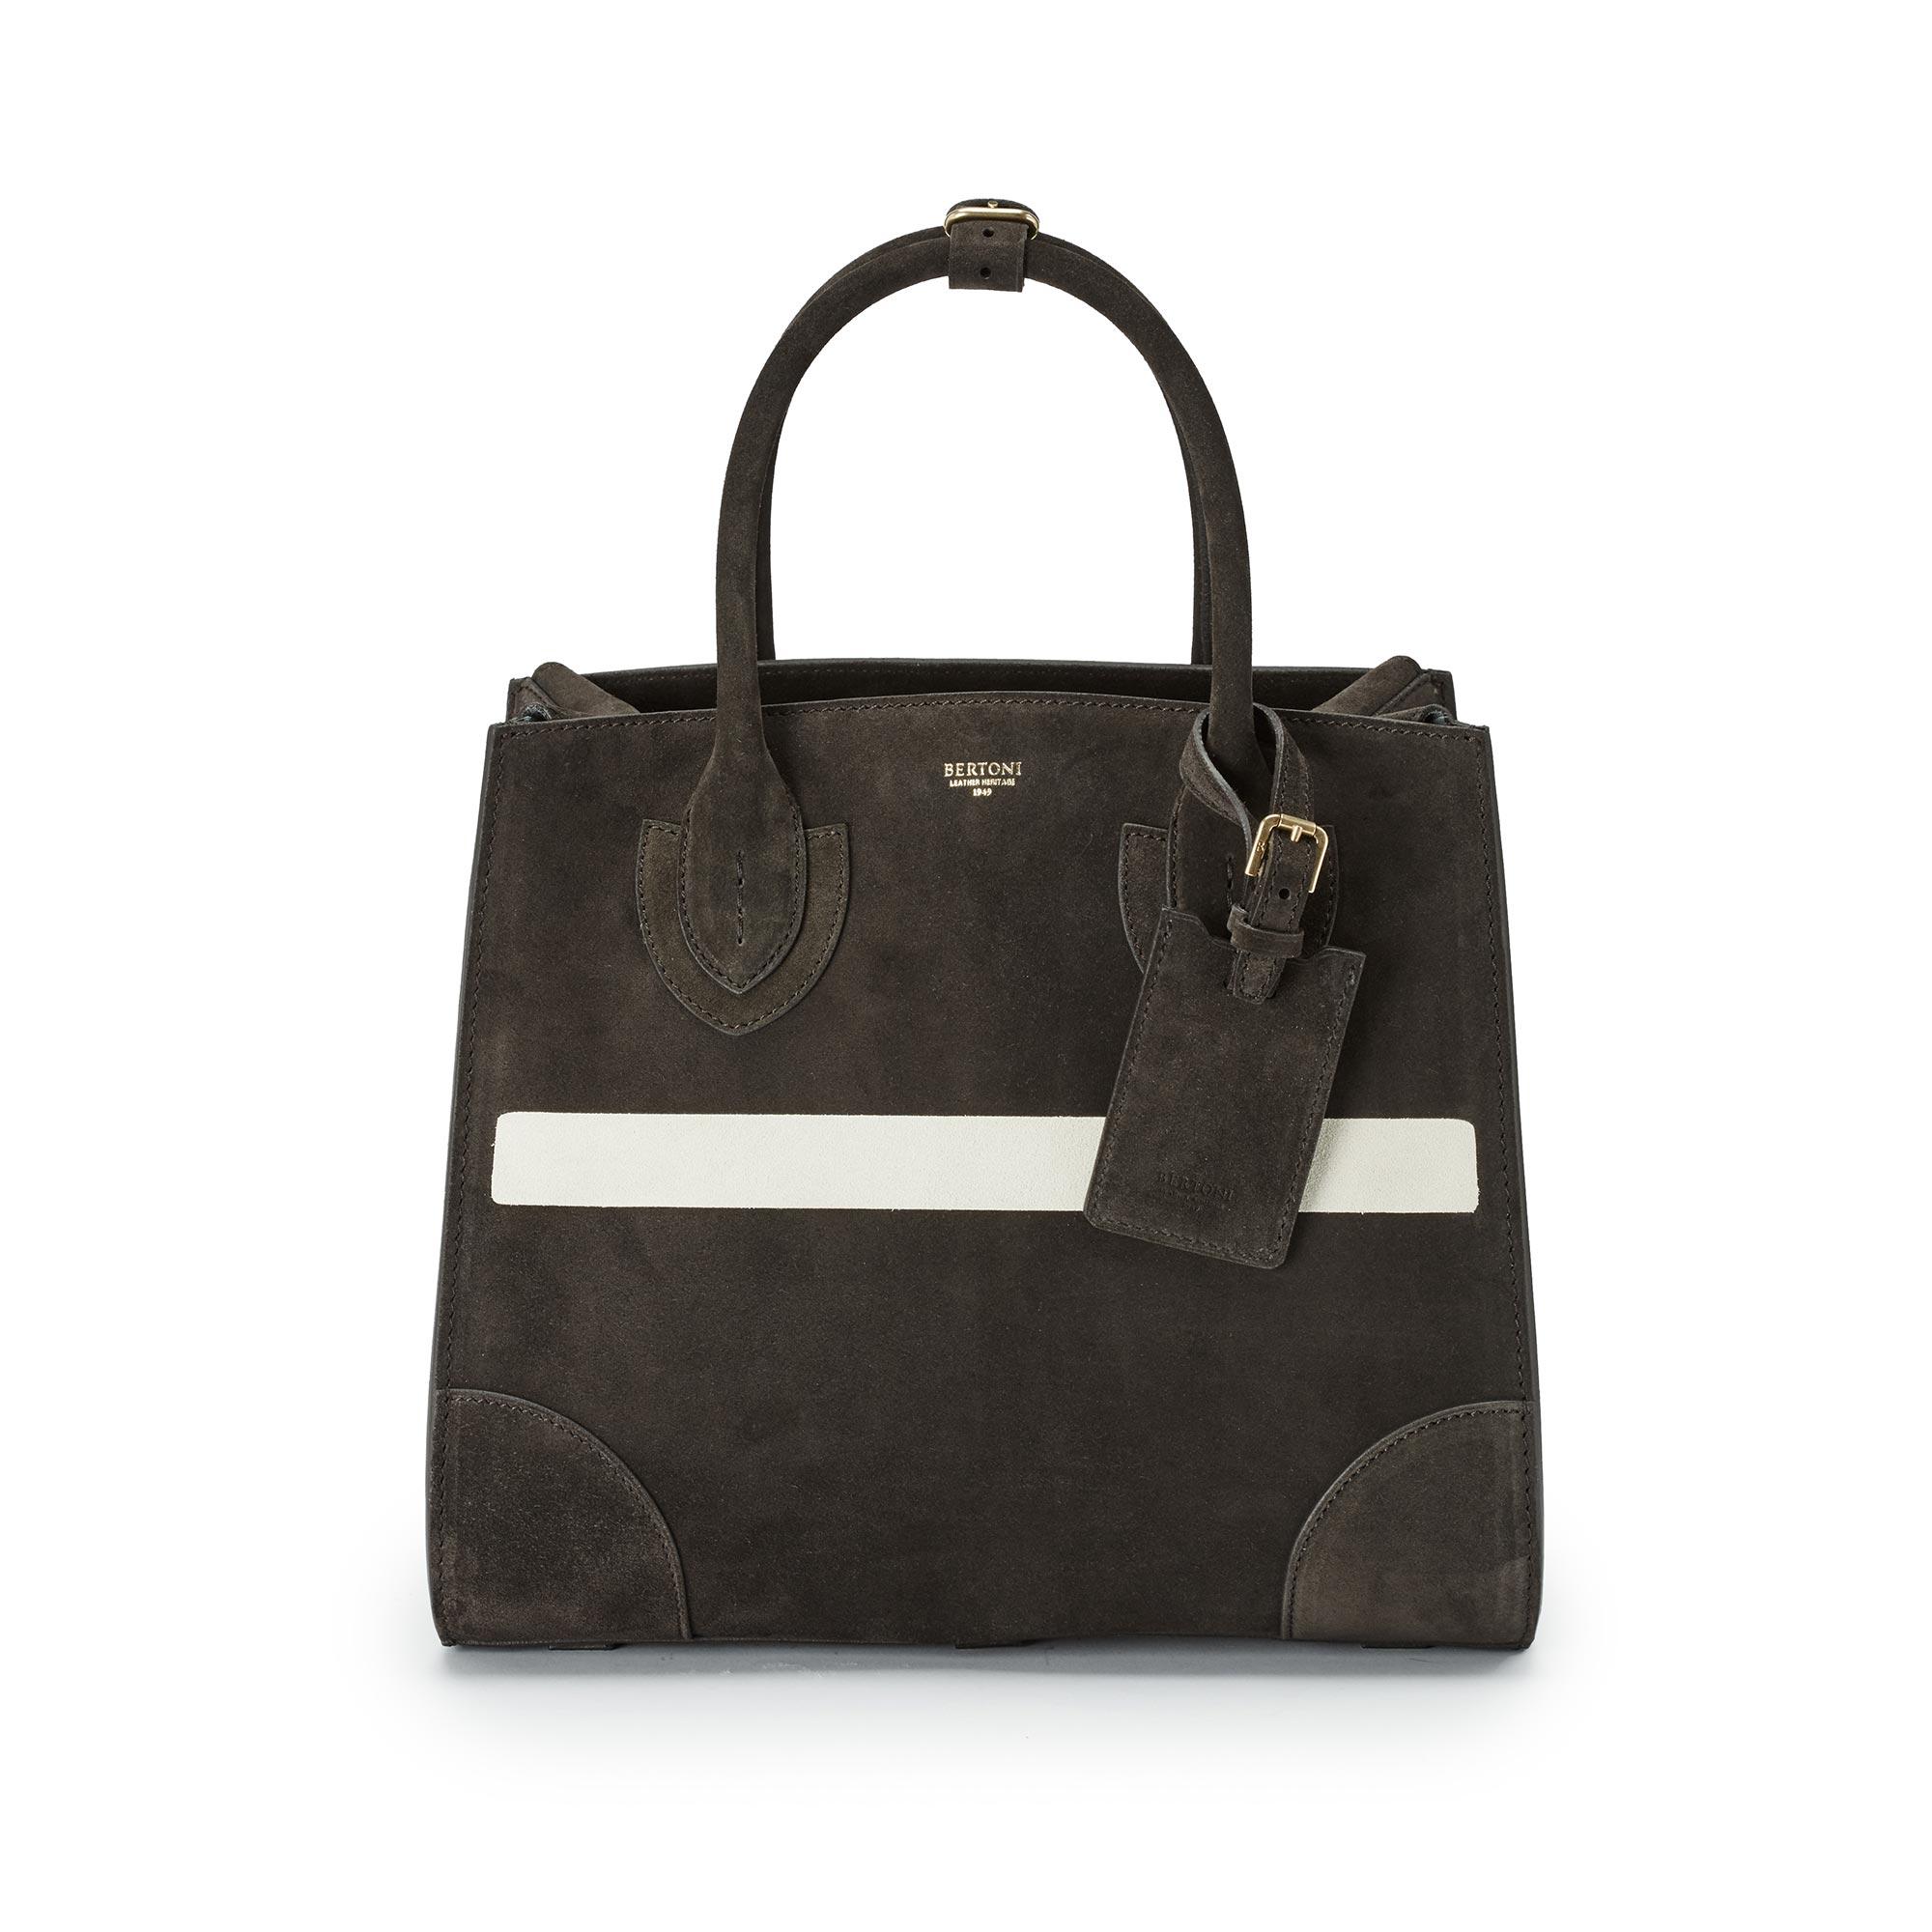 Medium-Darcy-coffee-suede-bag-Bertoni-1949_01